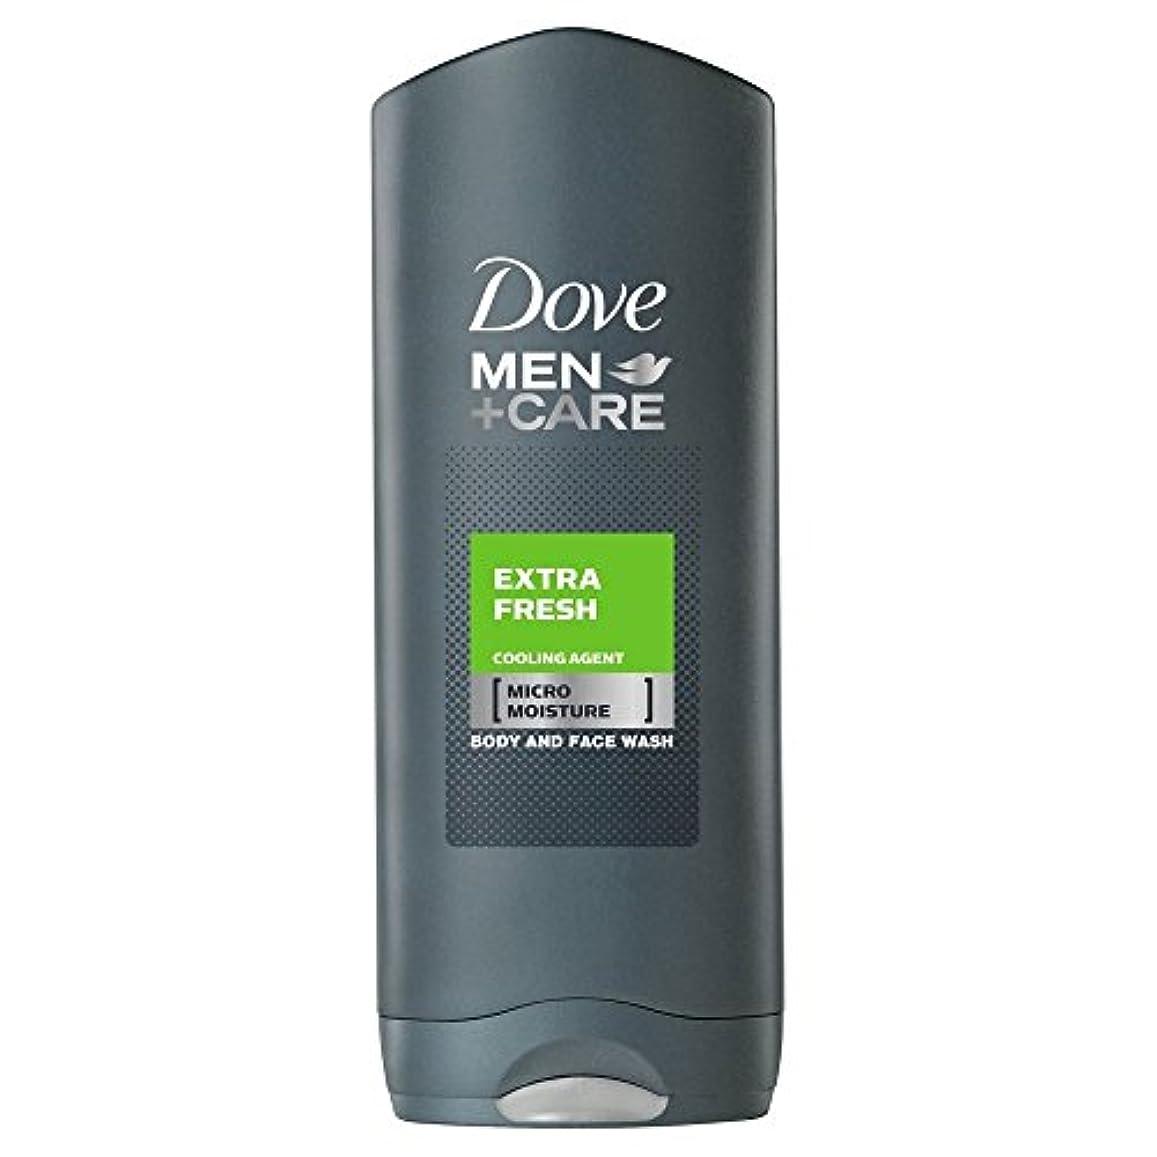 傀儡コインランドリーポーンDove Men + Care Body & Face Wash - Extra Fresh (250ml) 鳩の男性は+ボディと洗顔ケア - 余分な新鮮な( 250ミリリットル)を [並行輸入品]